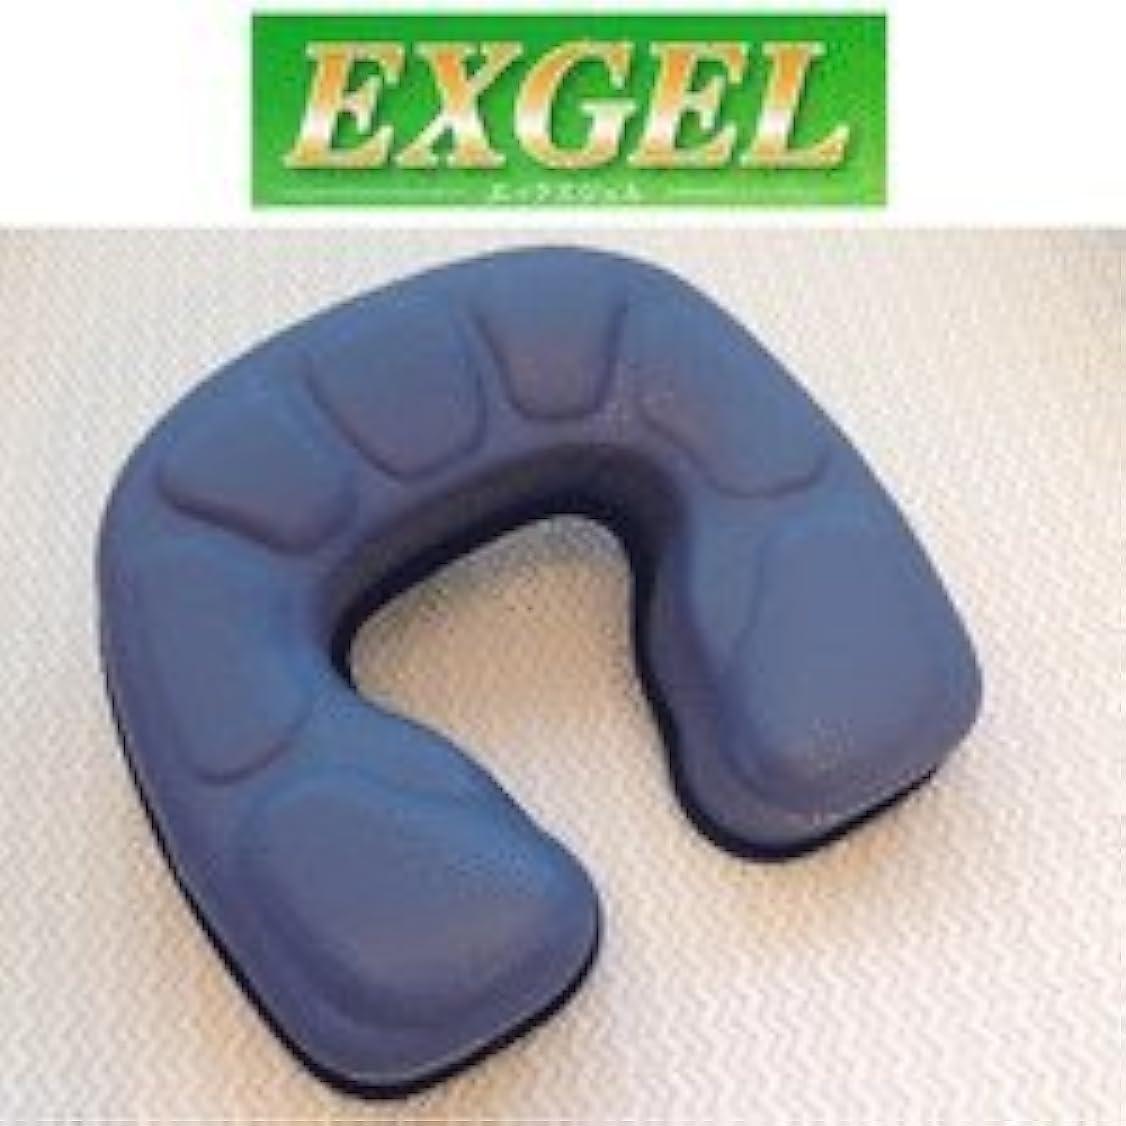 落ち込んでいる住人もしEXGEL(エックスジェル) EXフェイスマット 25×26×6cm (カナケン治療?施術用枕) うつぶせ寝まくら KT-297